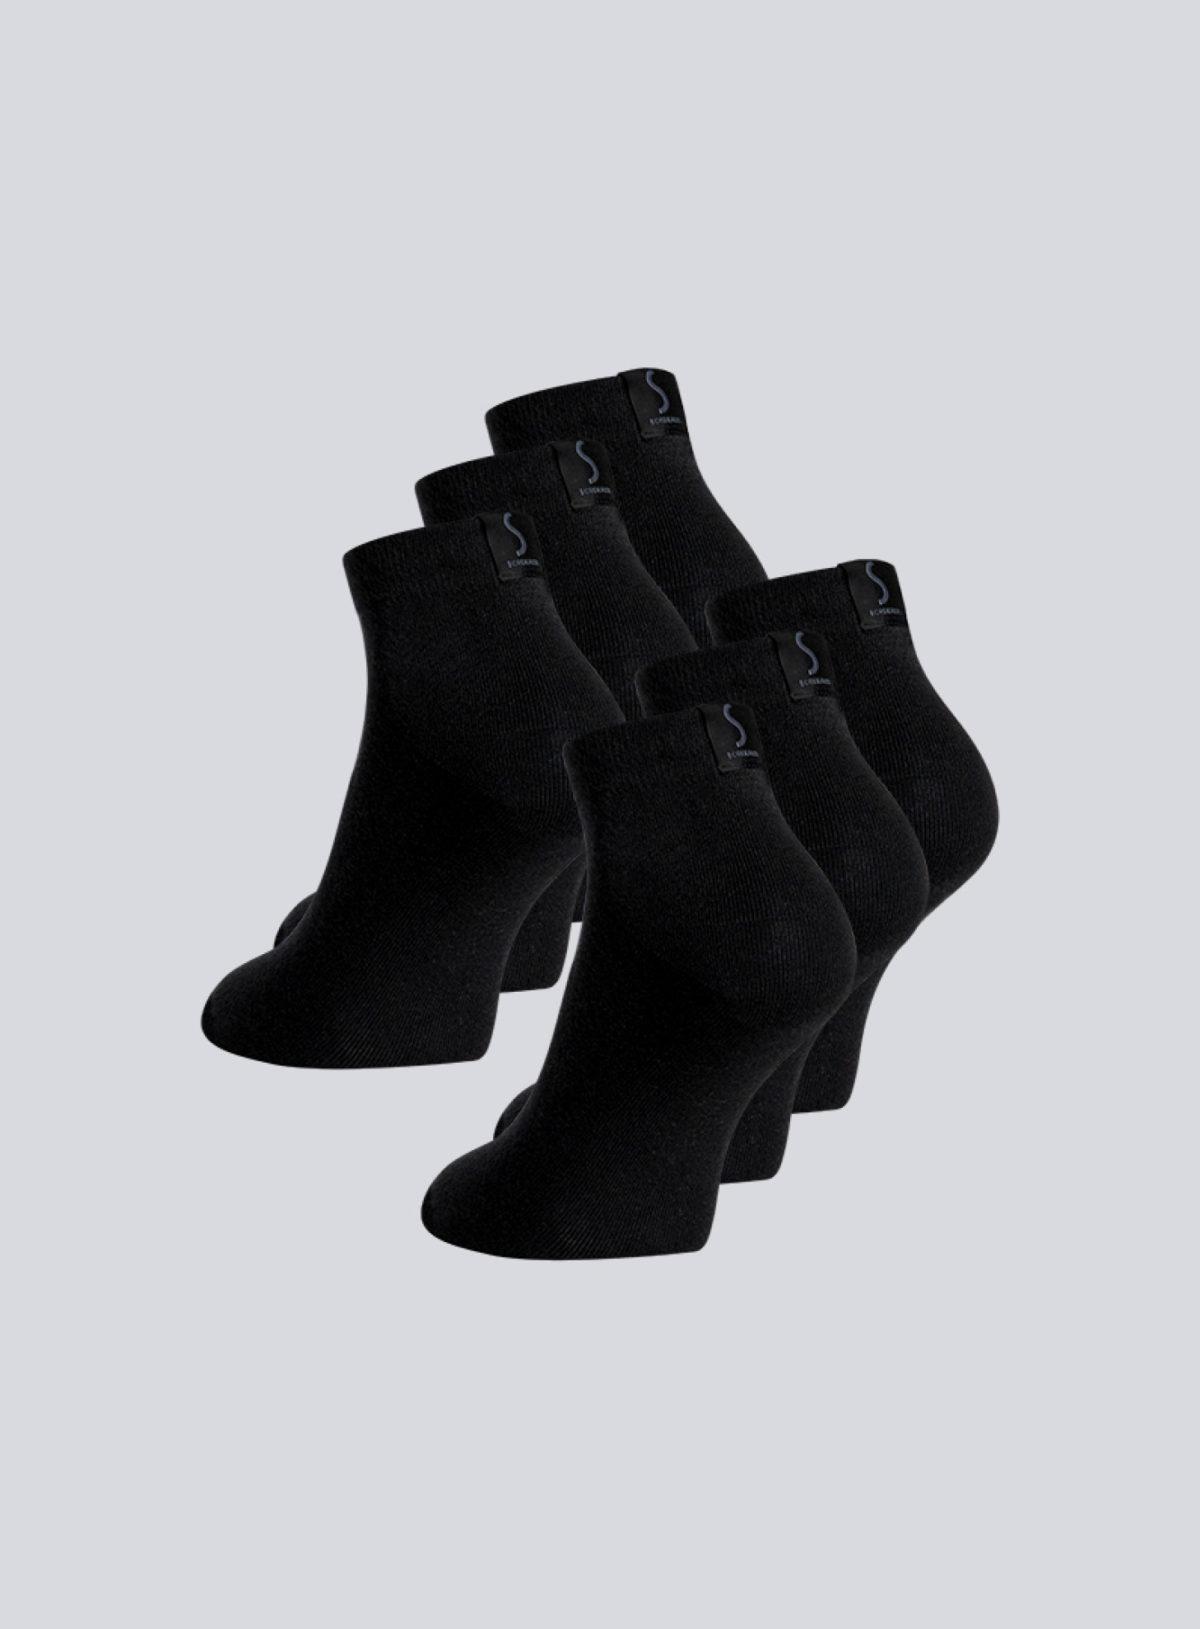 Chaussettes noirs pour homme socquettes de la marque S BORDEAUX